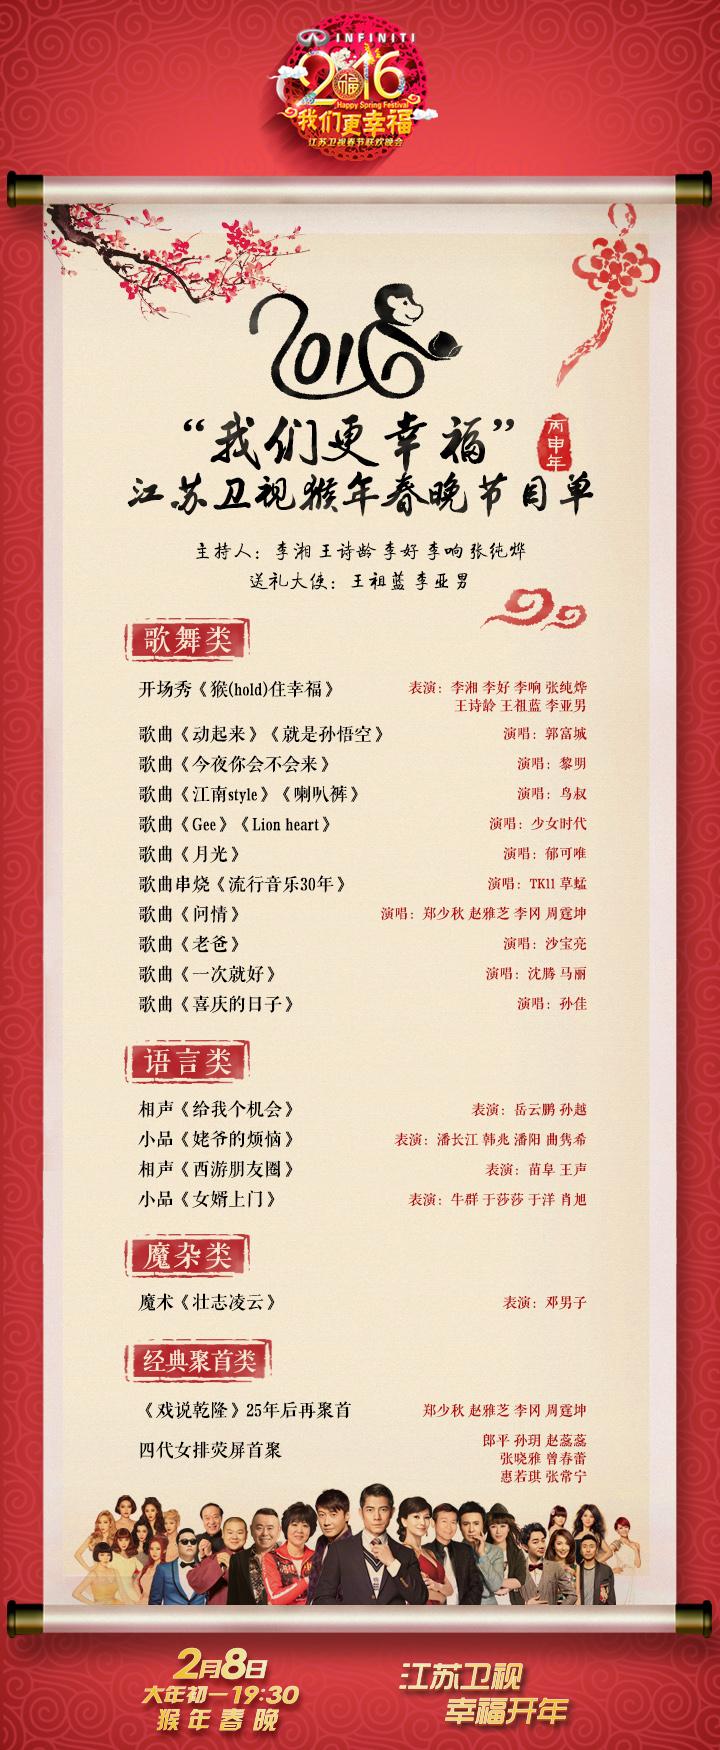 江蘇猴年春晚節目單曝光 三大亮點全揭秘圖片